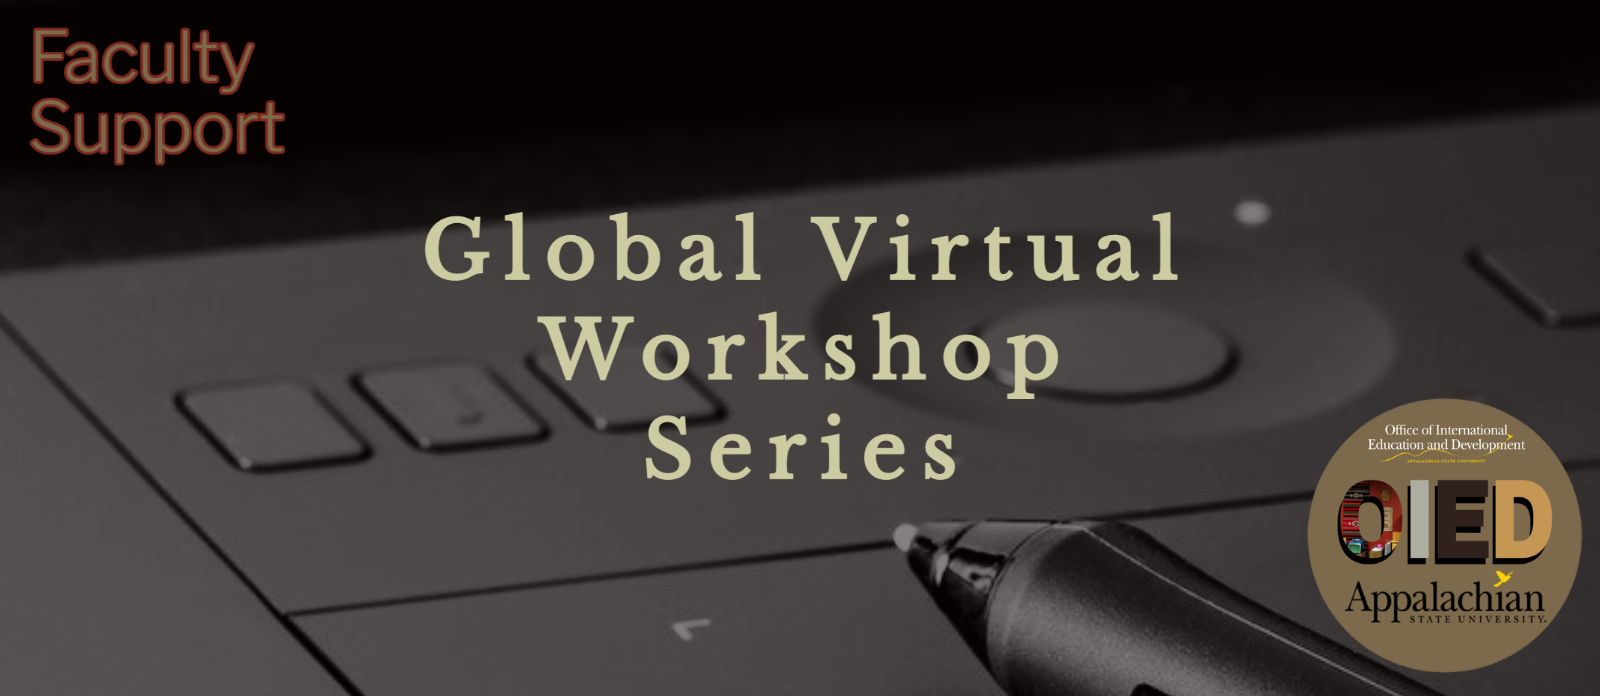 Global Virtual Workshop Series